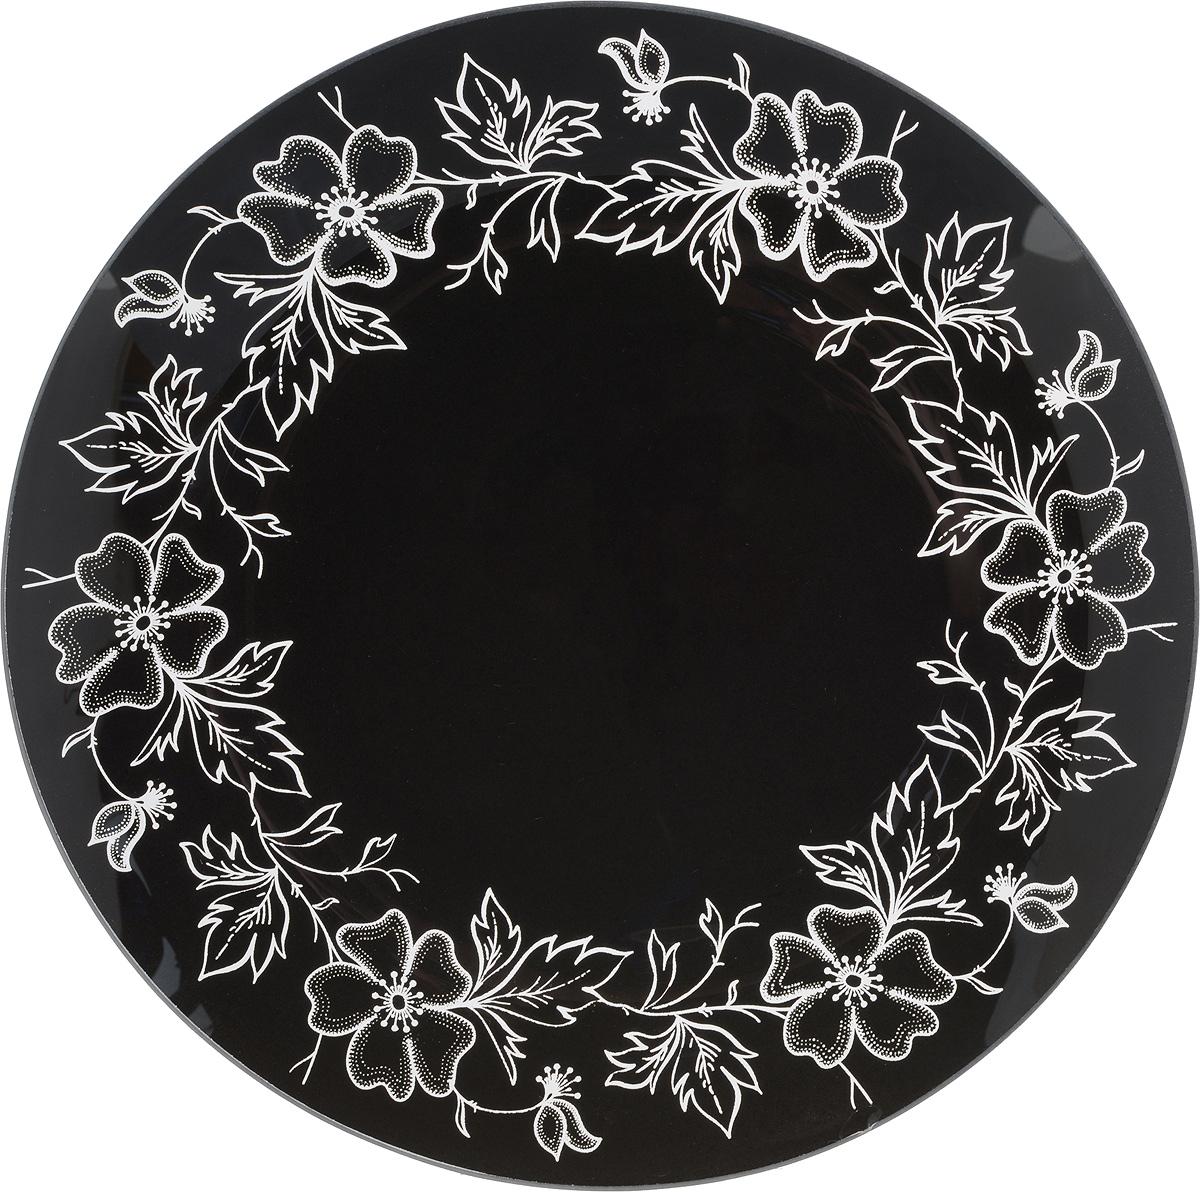 Тарелка NiNaGlass Лара, цвет: черный, диаметр 26 см85-260-075/чернТарелка NiNaGlass Лара выполнена из высококачественного стекла и оформлена красивым цветочным узором. Тарелка идеальна для подачи вторых блюд, а также сервировки закусок, нарезок, салатов, овощей и фруктов. Она отлично подойдет как для повседневных, так и для торжественных случаев.Такая тарелка прекрасно впишется в интерьер вашей кухни и станет достойным дополнением к кухонному инвентарю.